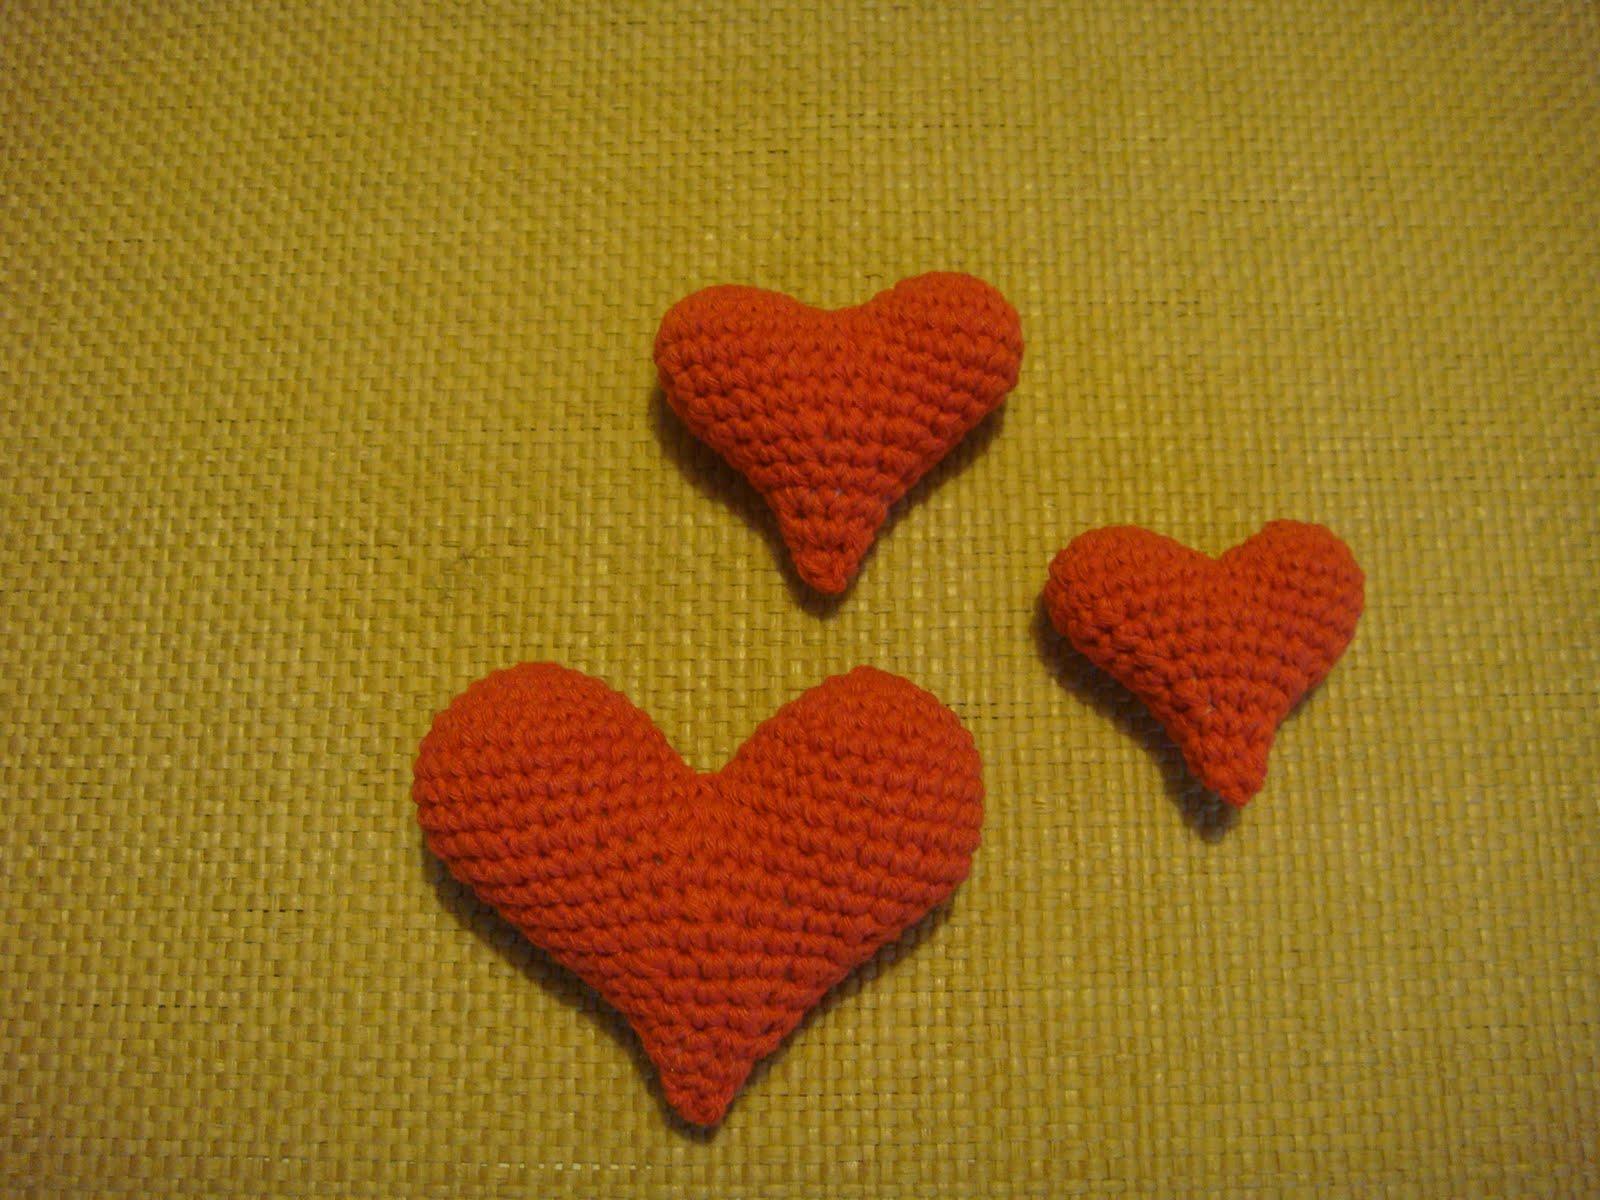 Amigurumi Llavero Corazon : Amigurumis y algo más corazón de amigurumi